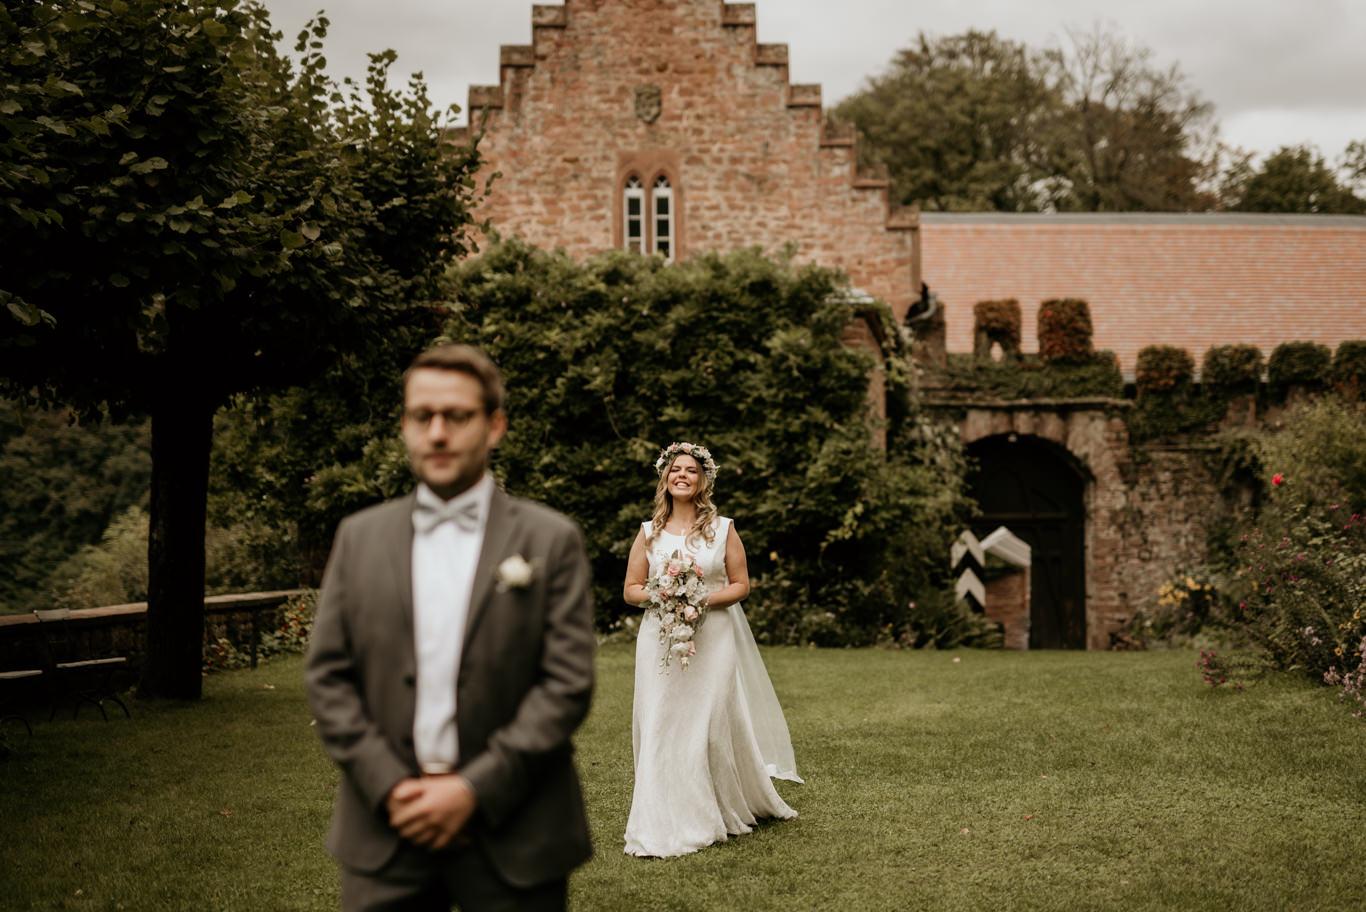 Hochzeitsfotograf Mittelburg Koster Maulbronn Heidelberg Karlsruhe